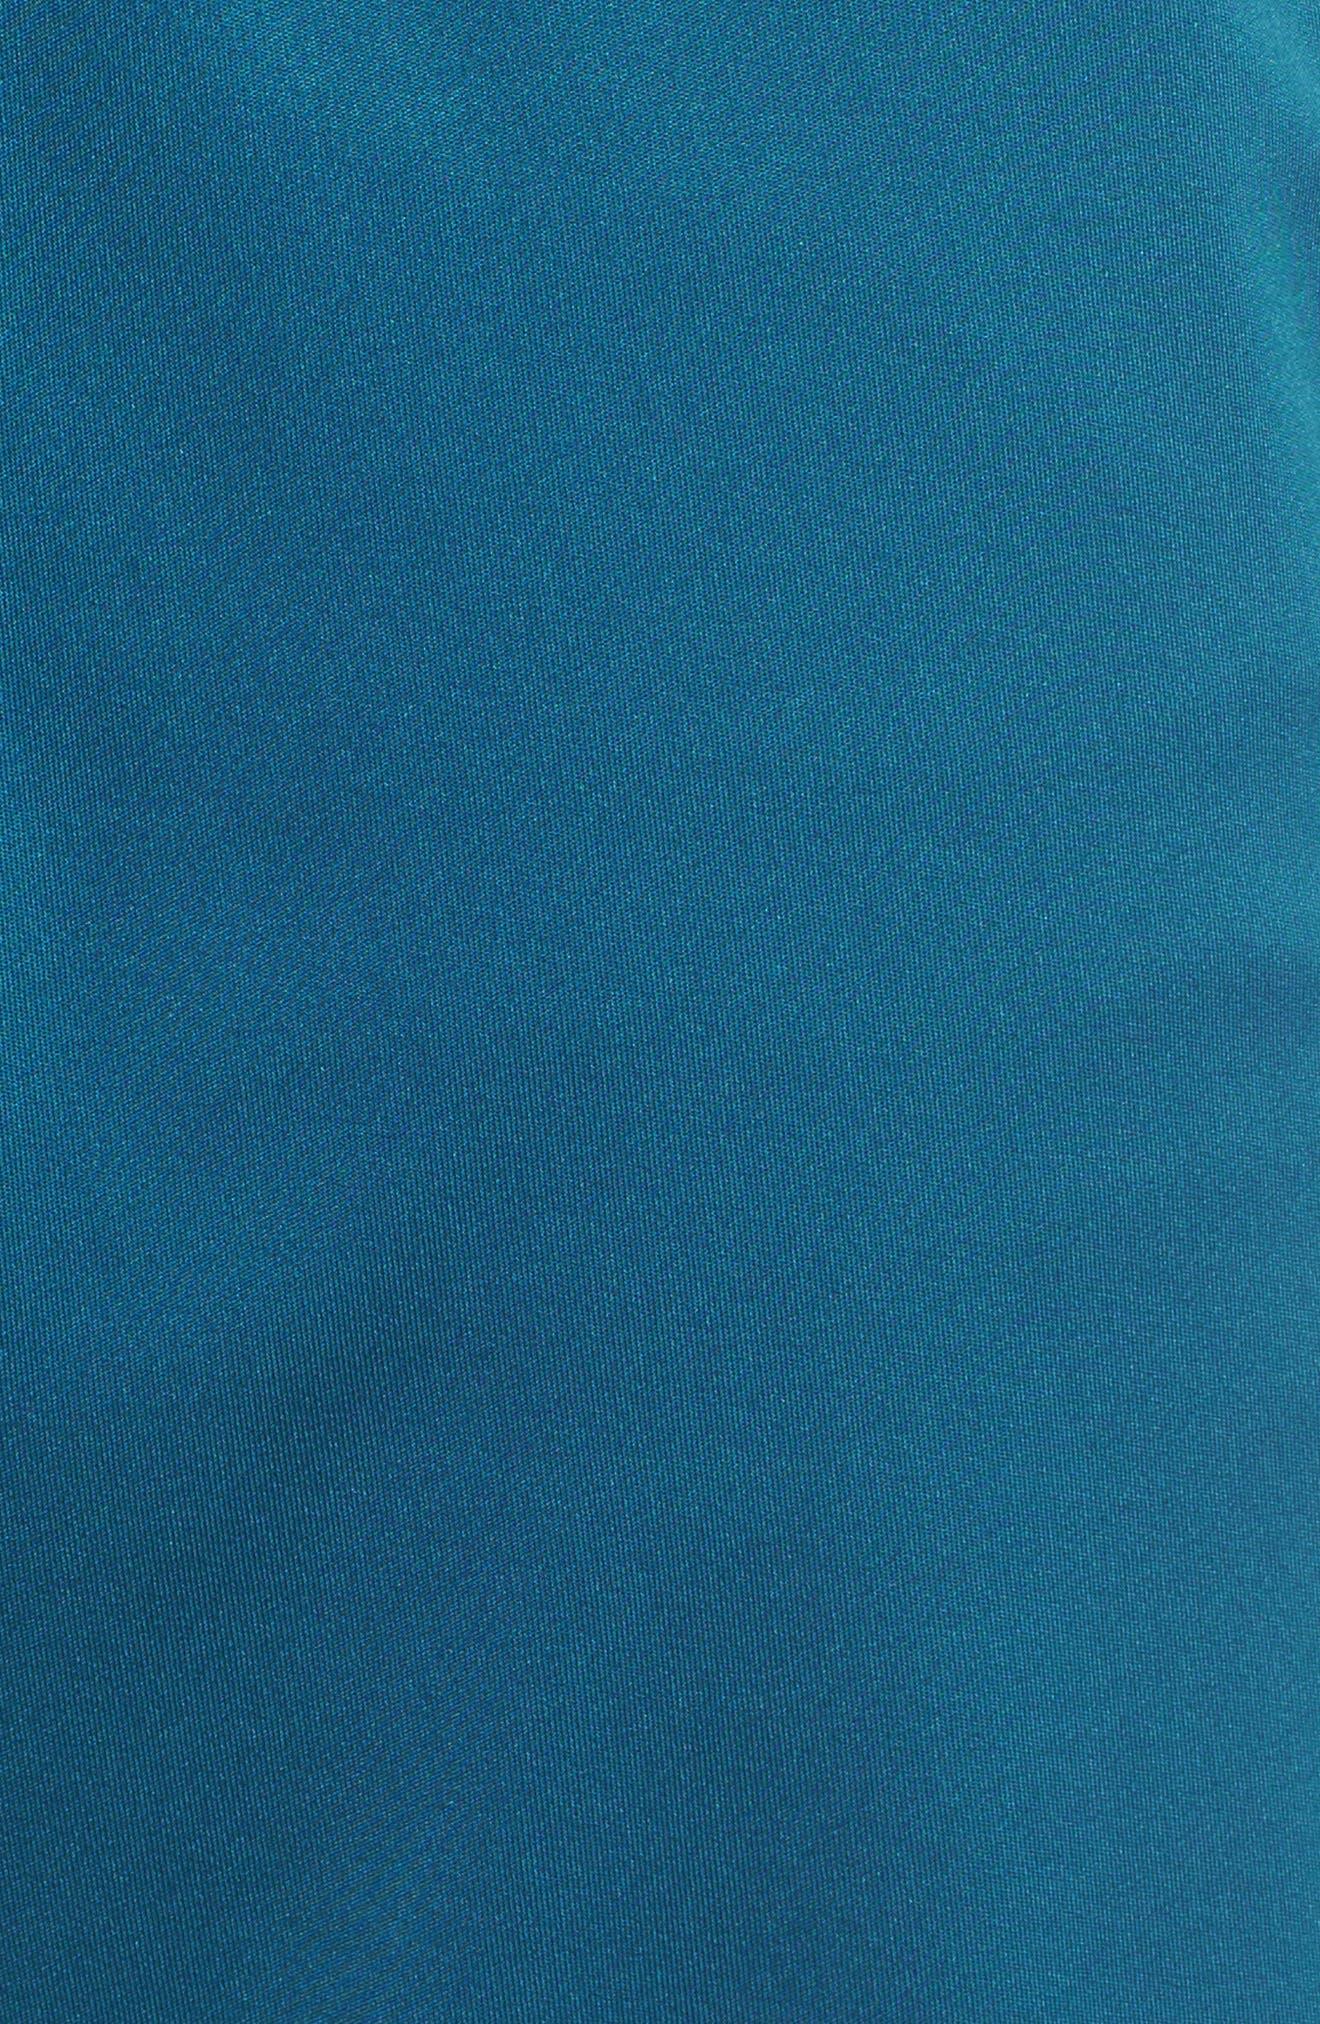 Alternate Image 5  - Nike 'Fly' Dri-FIT Training Shorts